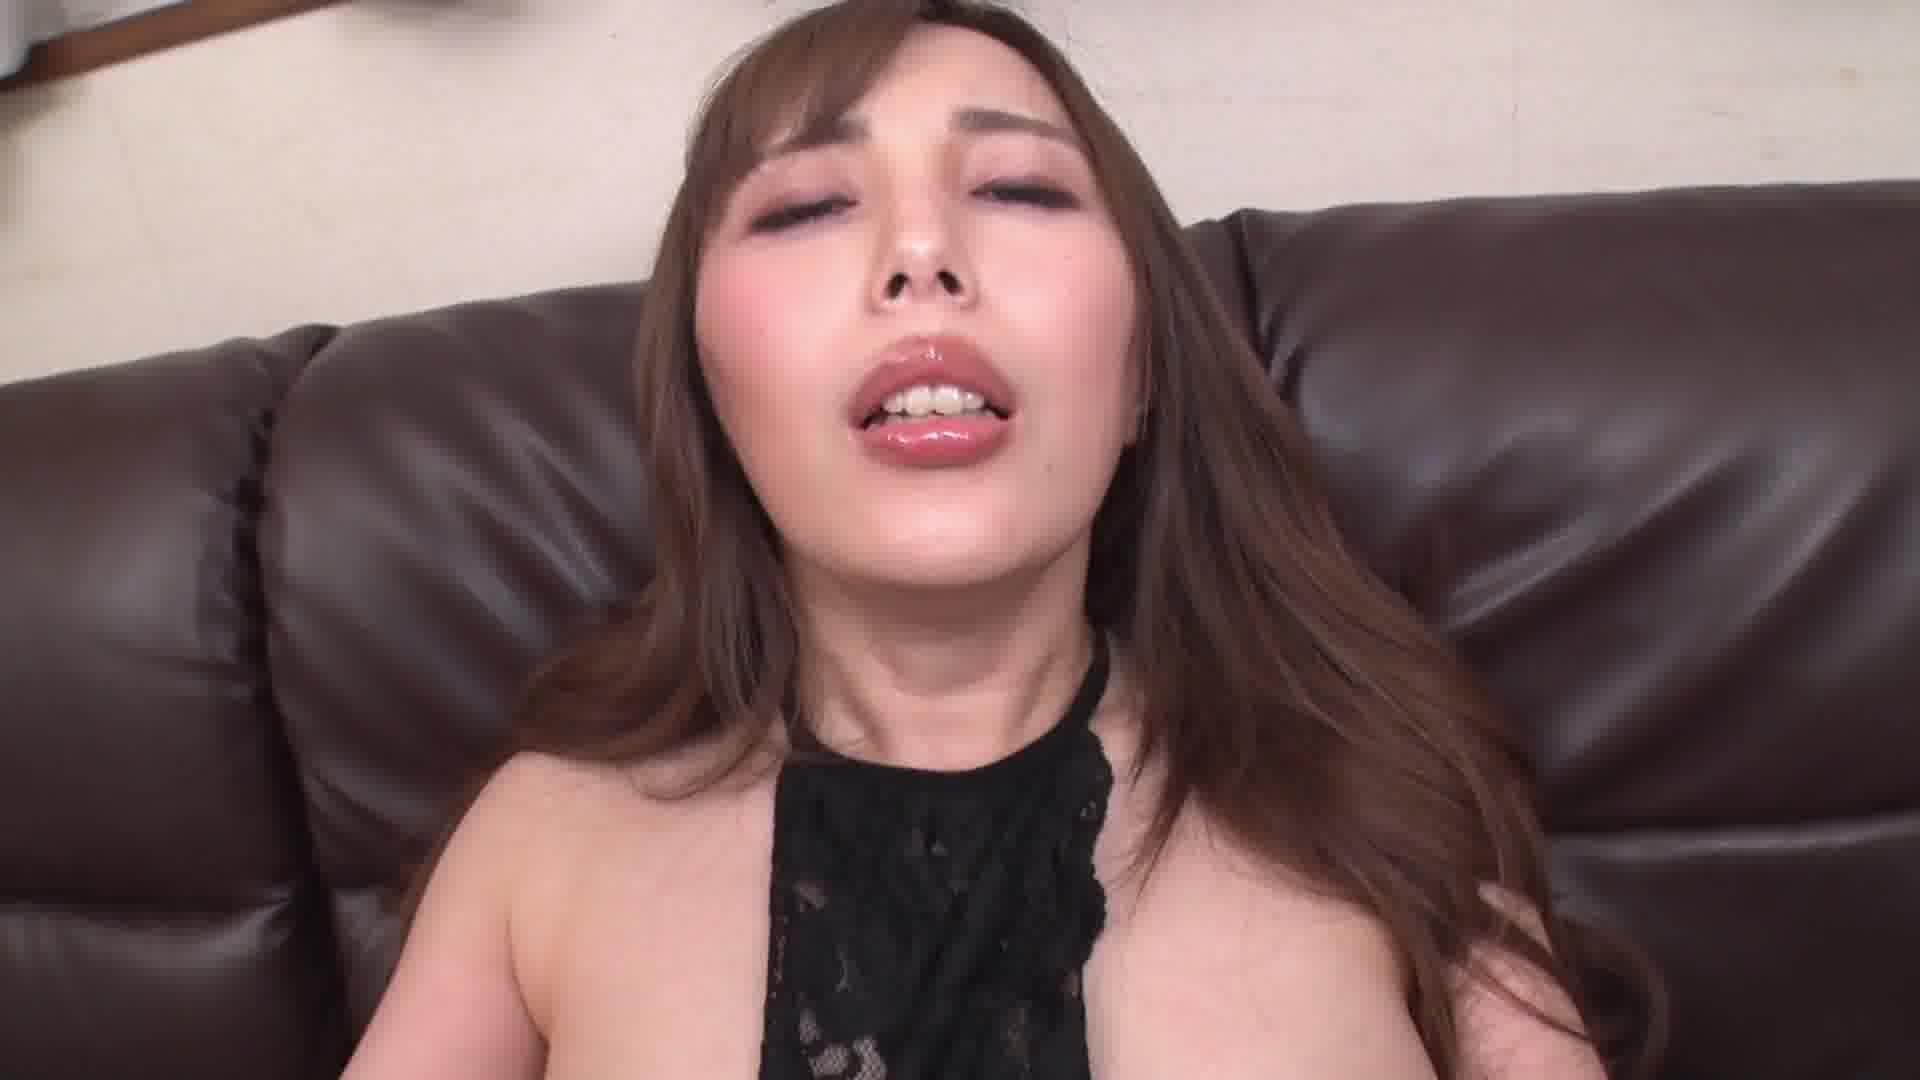 BOGA x BOGA ~櫻木梨乃が僕のプレイを褒め称えてくれる~ - 櫻木梨乃【巨乳・パイズリ・中出し】